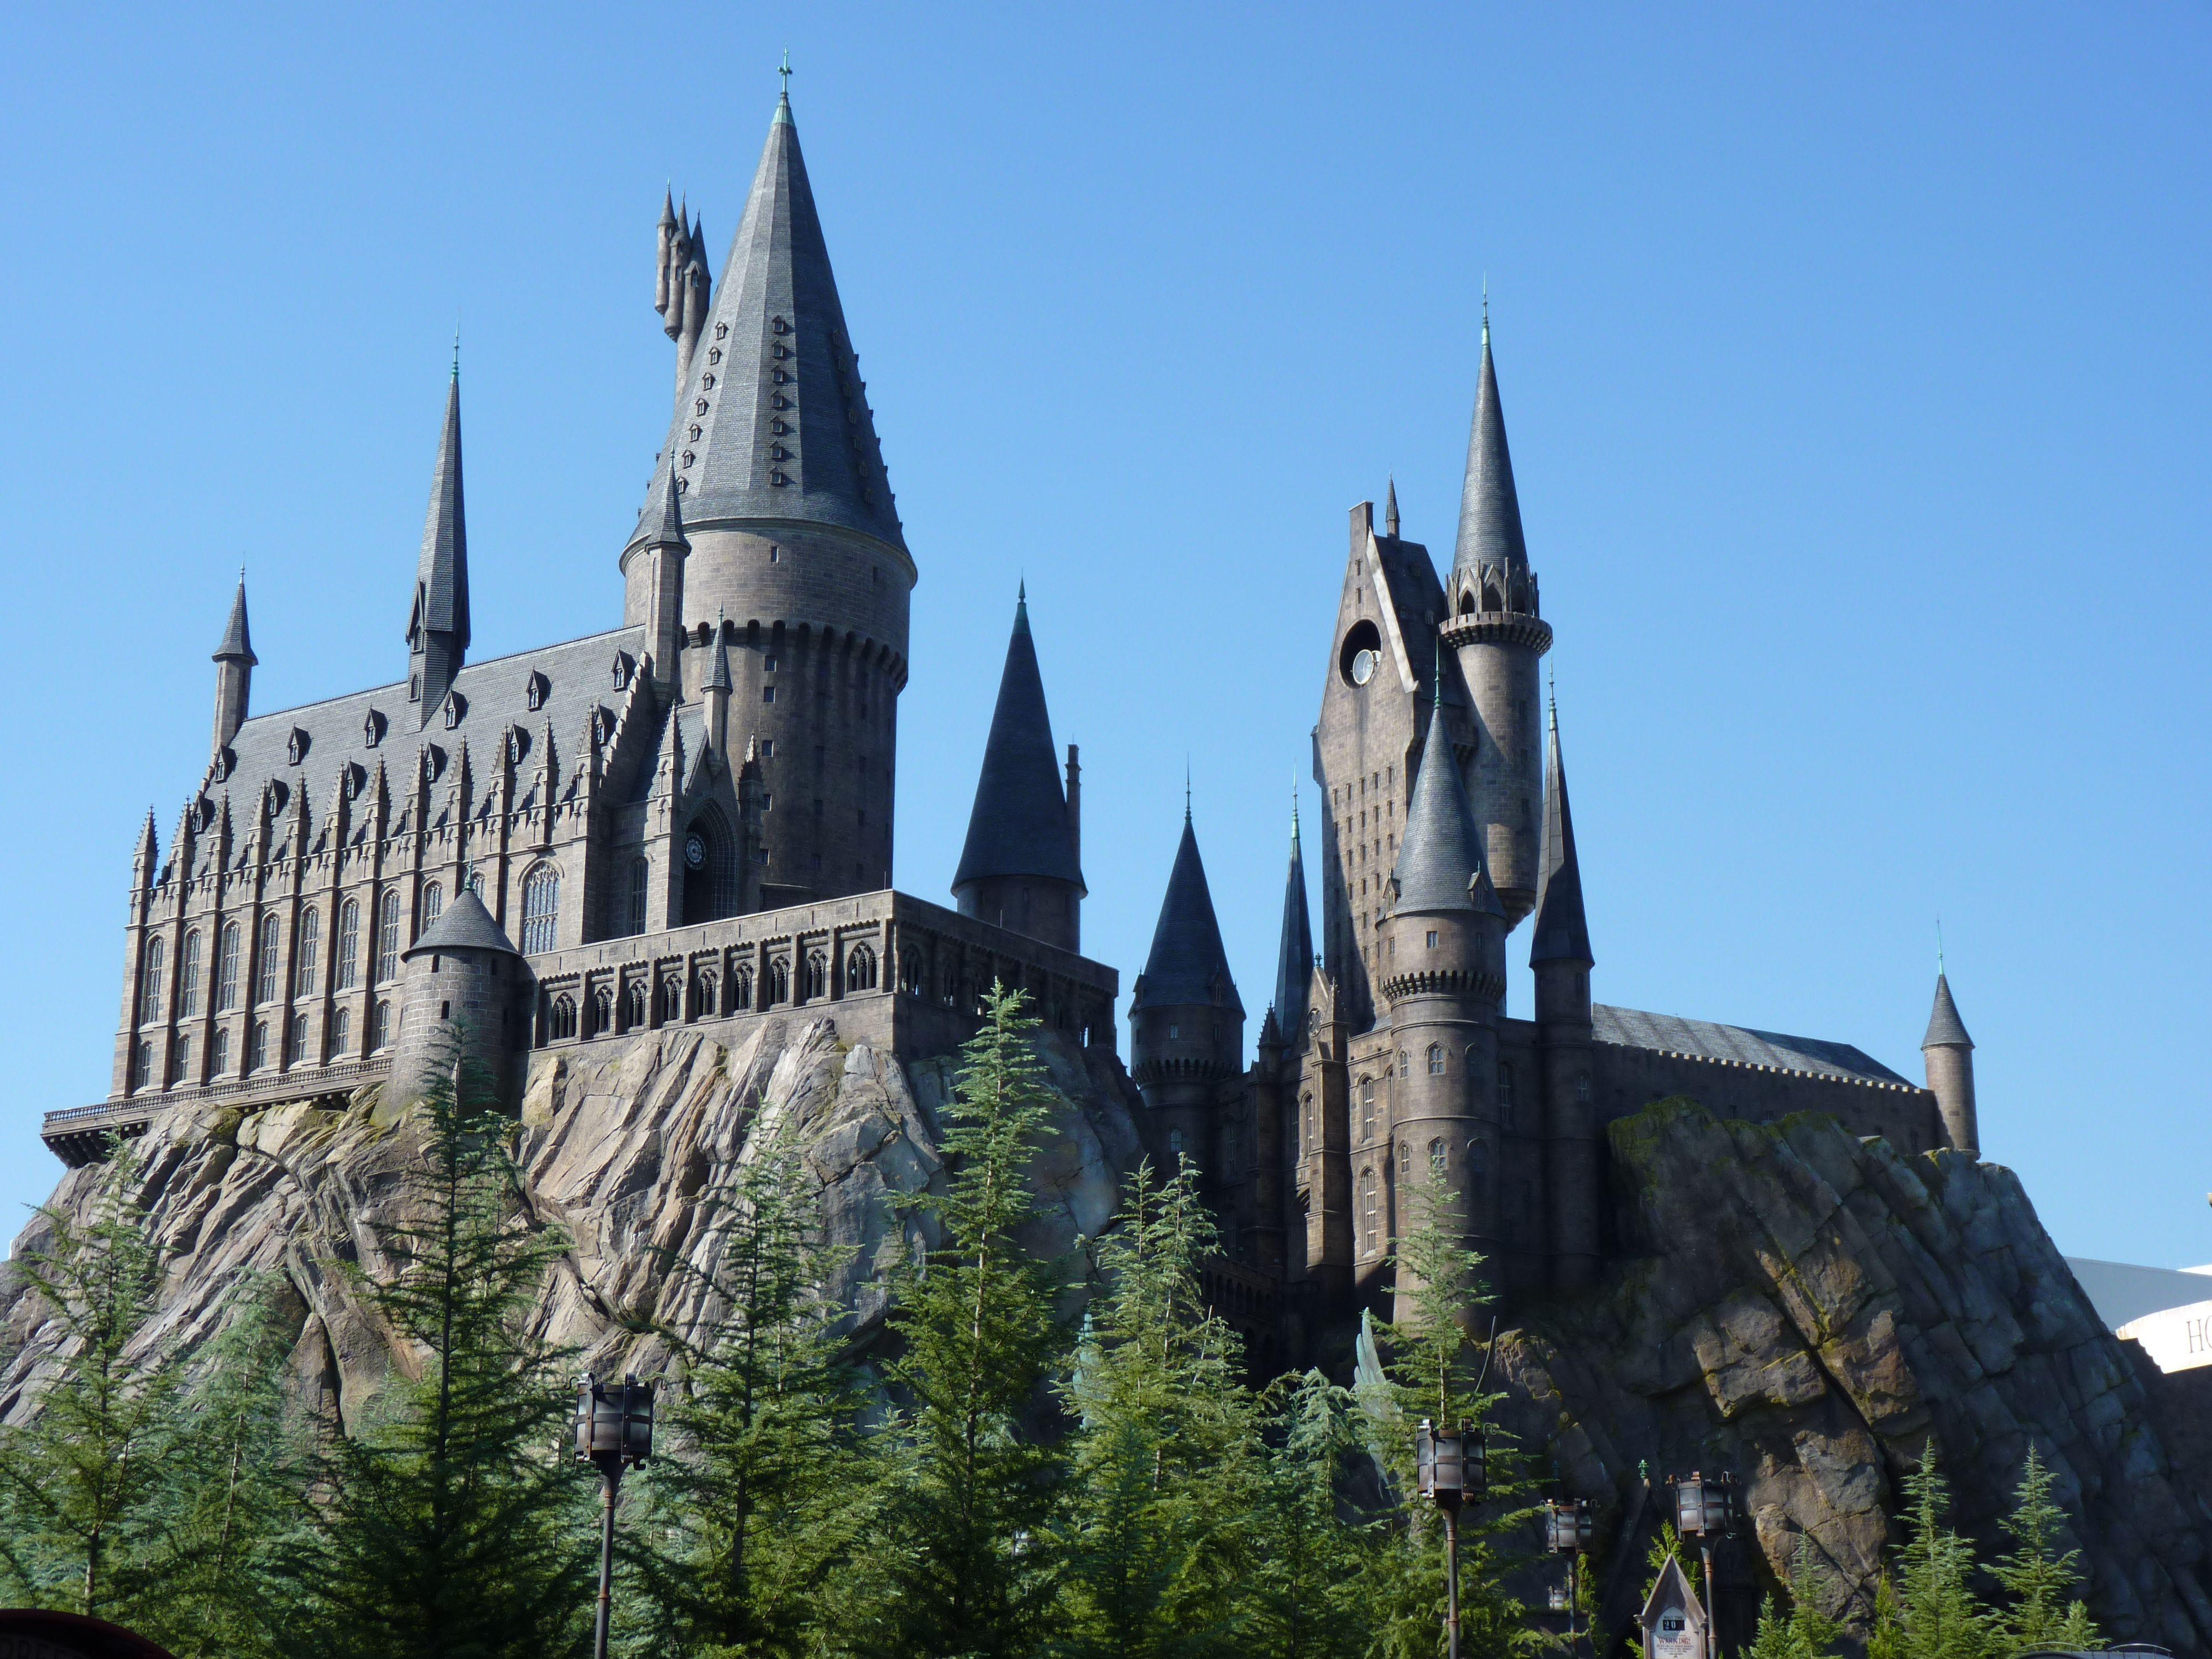 Hogwarts Wizarding World Of Harry Potter Harry Potter Theme Park Harry Potter Castle